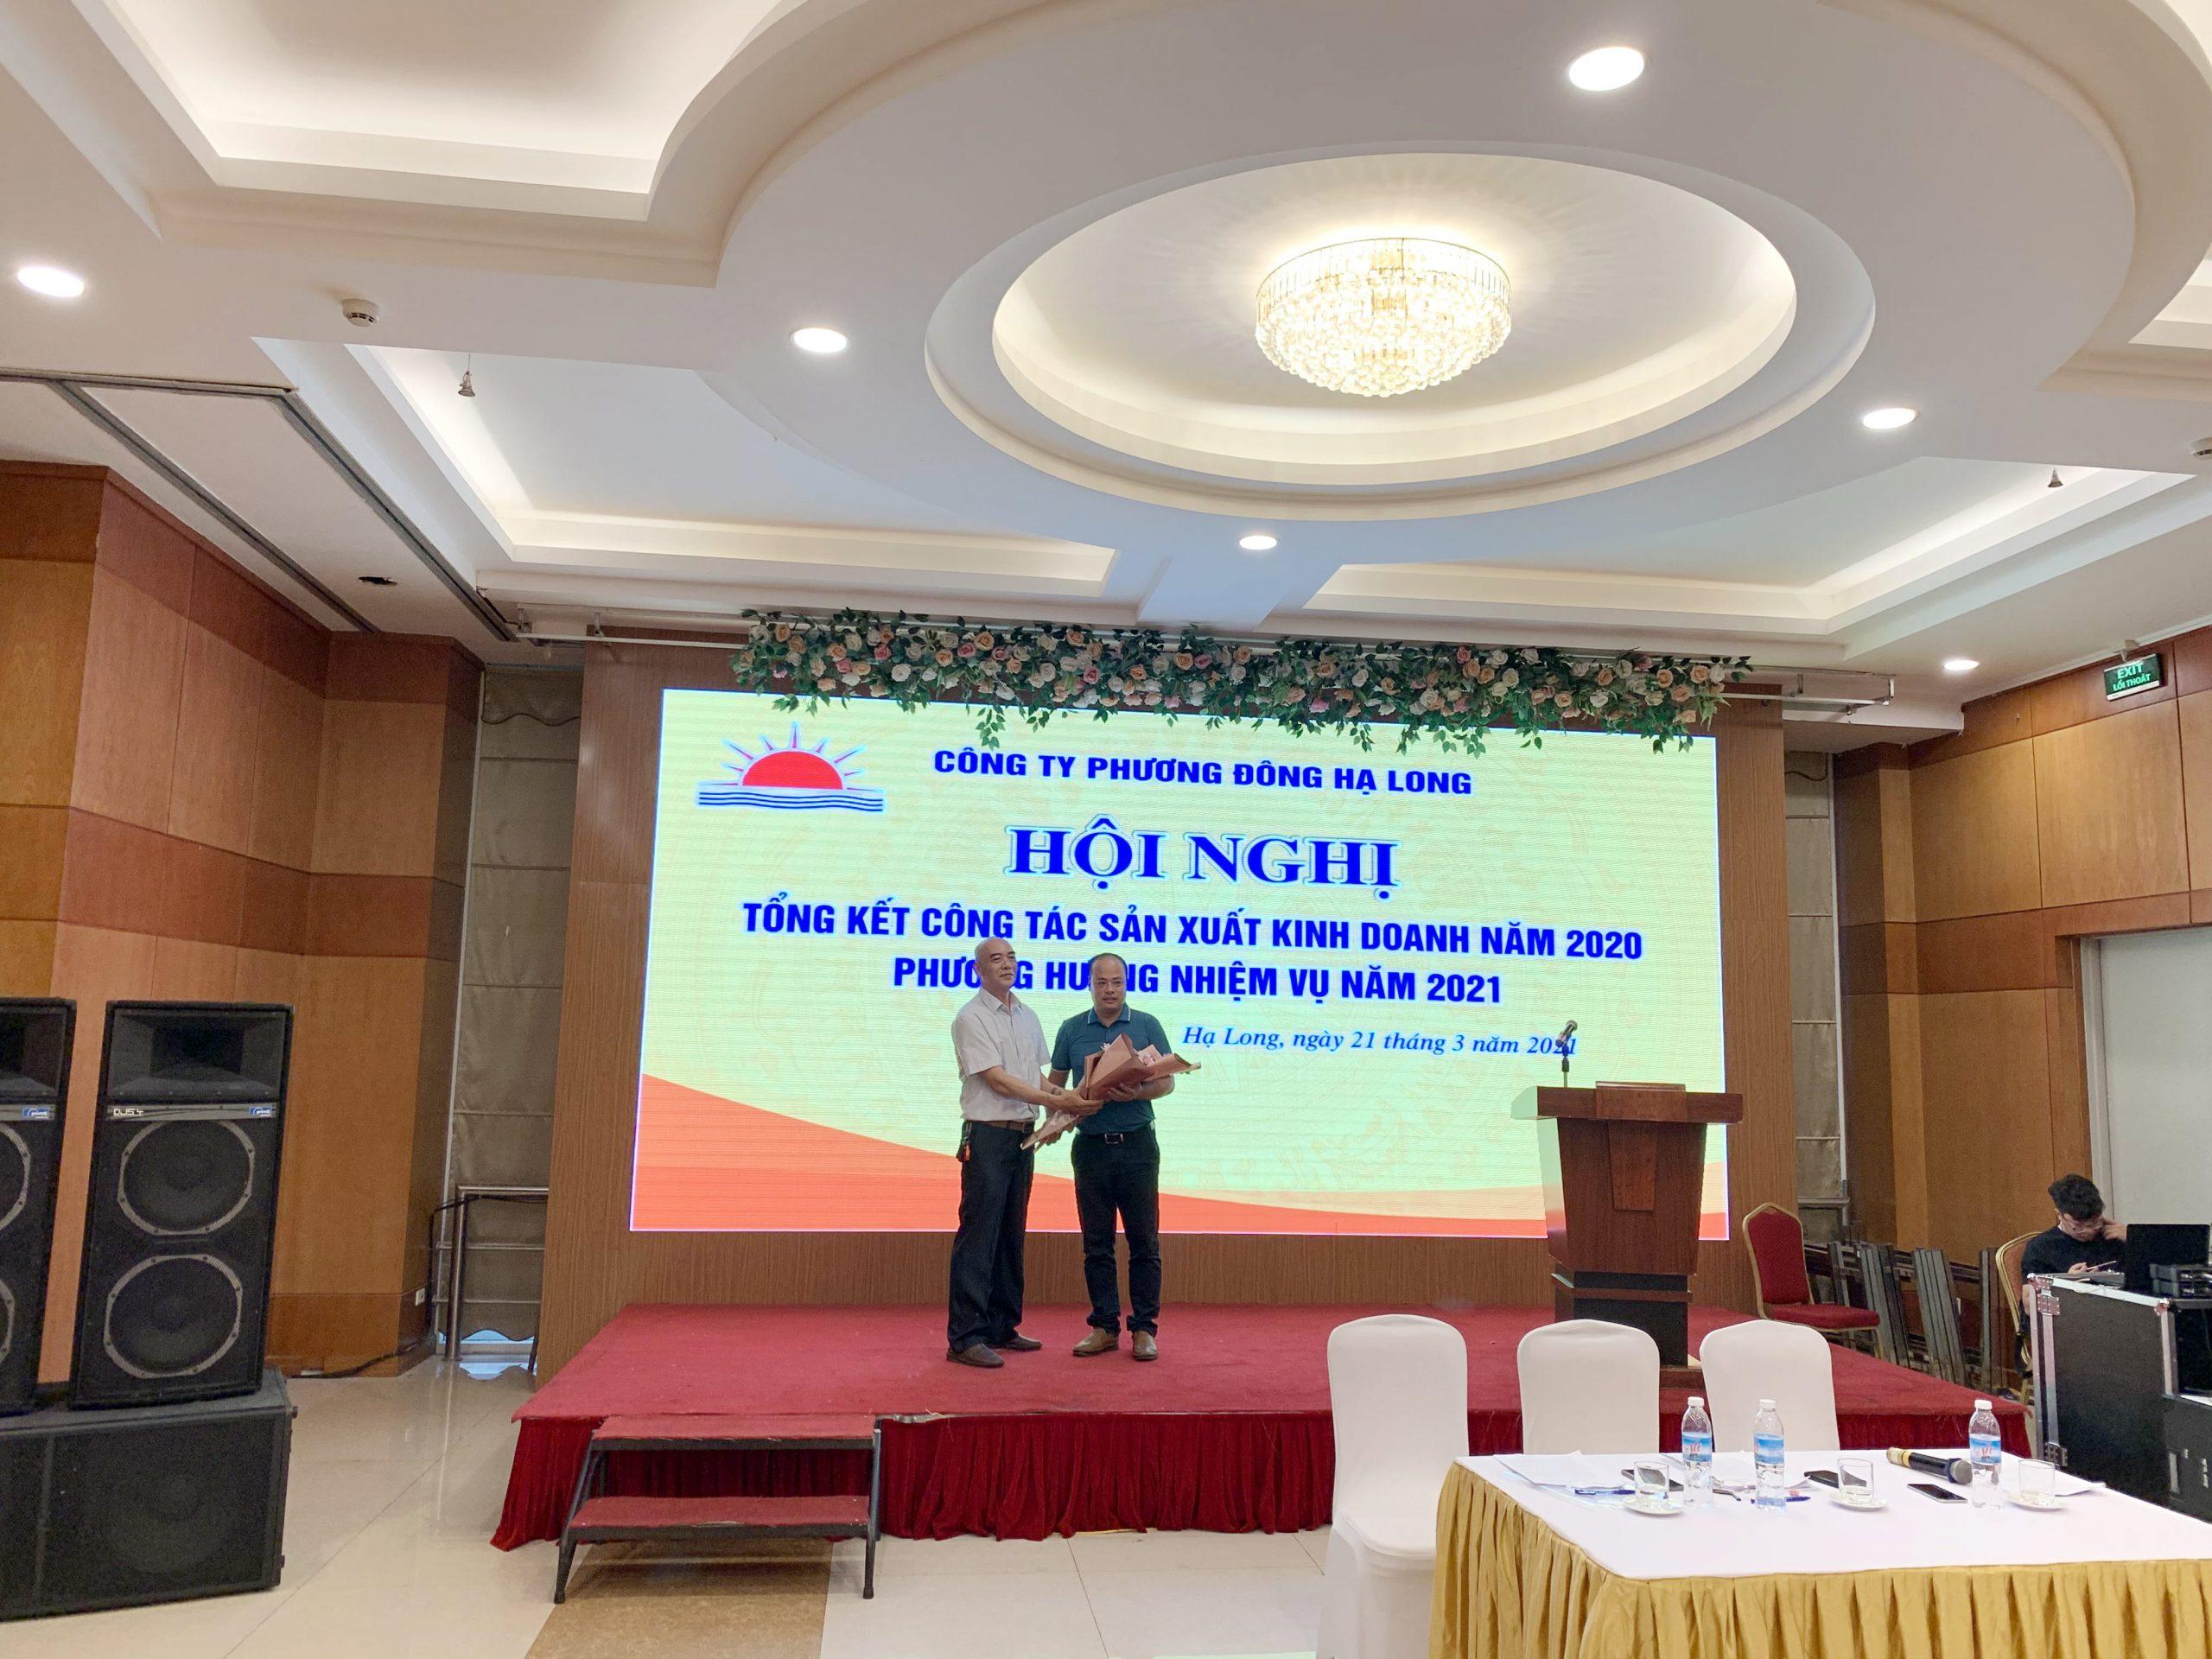 Anh Nguyễn Thế Khải - Trình bày báo cáo hoạt động công đoàn công ty trong 2020